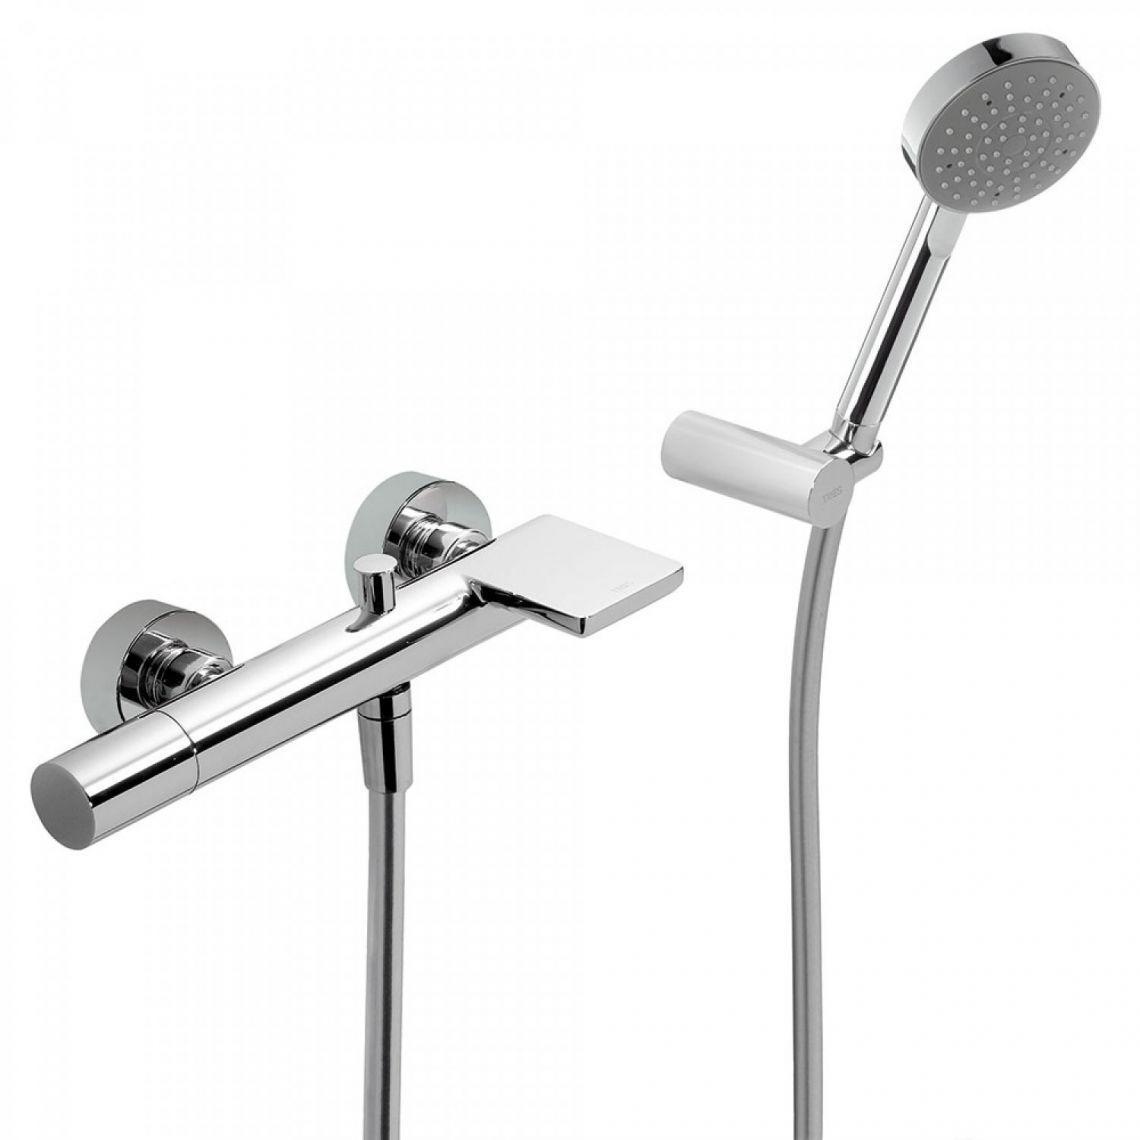 Змішувач для ванни Tres Max-Tres з ручним душем, хром (061.170.01)